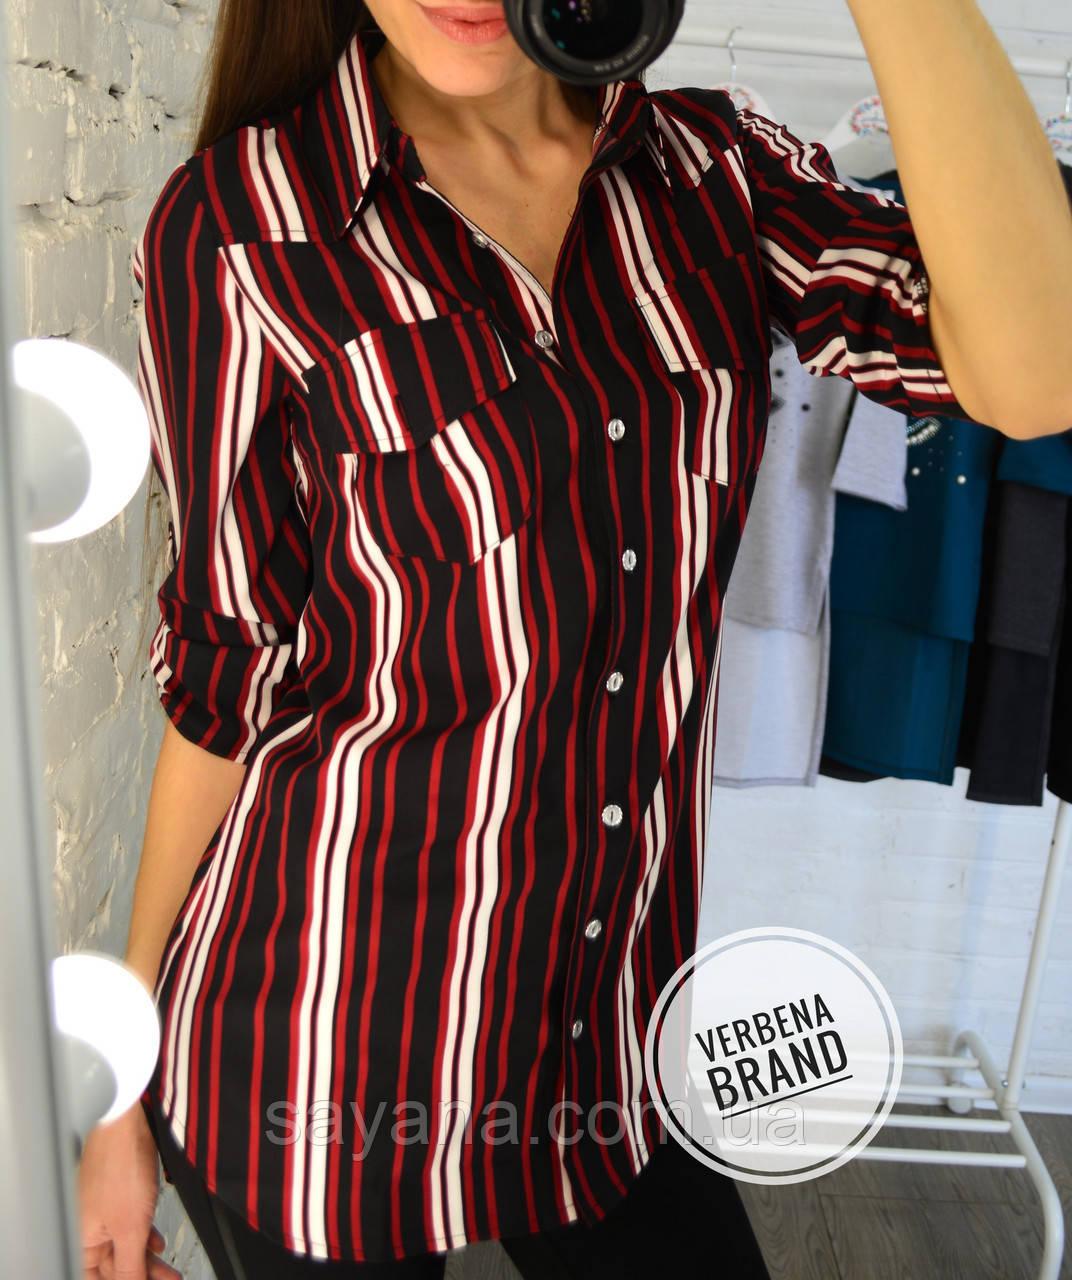 c91ec173c2bd964 Купить Женскую рубашку с разным принтом- полоску, р-р 48-52. ВЕ-6-1 ...